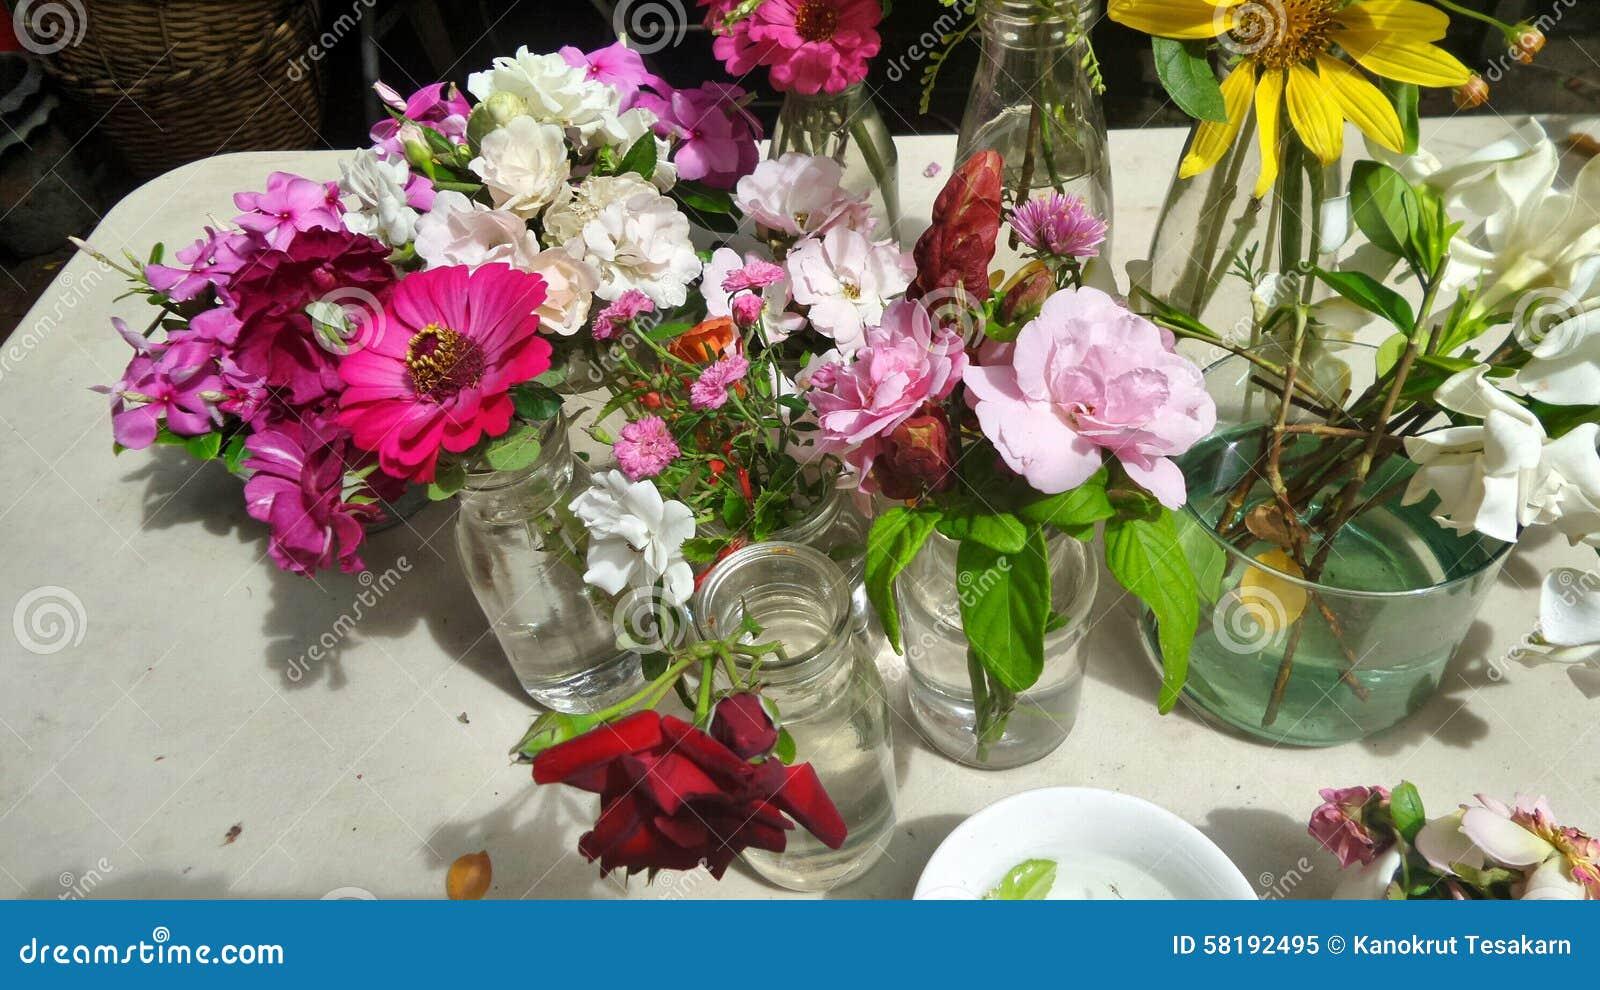 frisch schnittblume vom garten bereit zum vereinbaren stockbild bild von k che vase 58192495. Black Bedroom Furniture Sets. Home Design Ideas